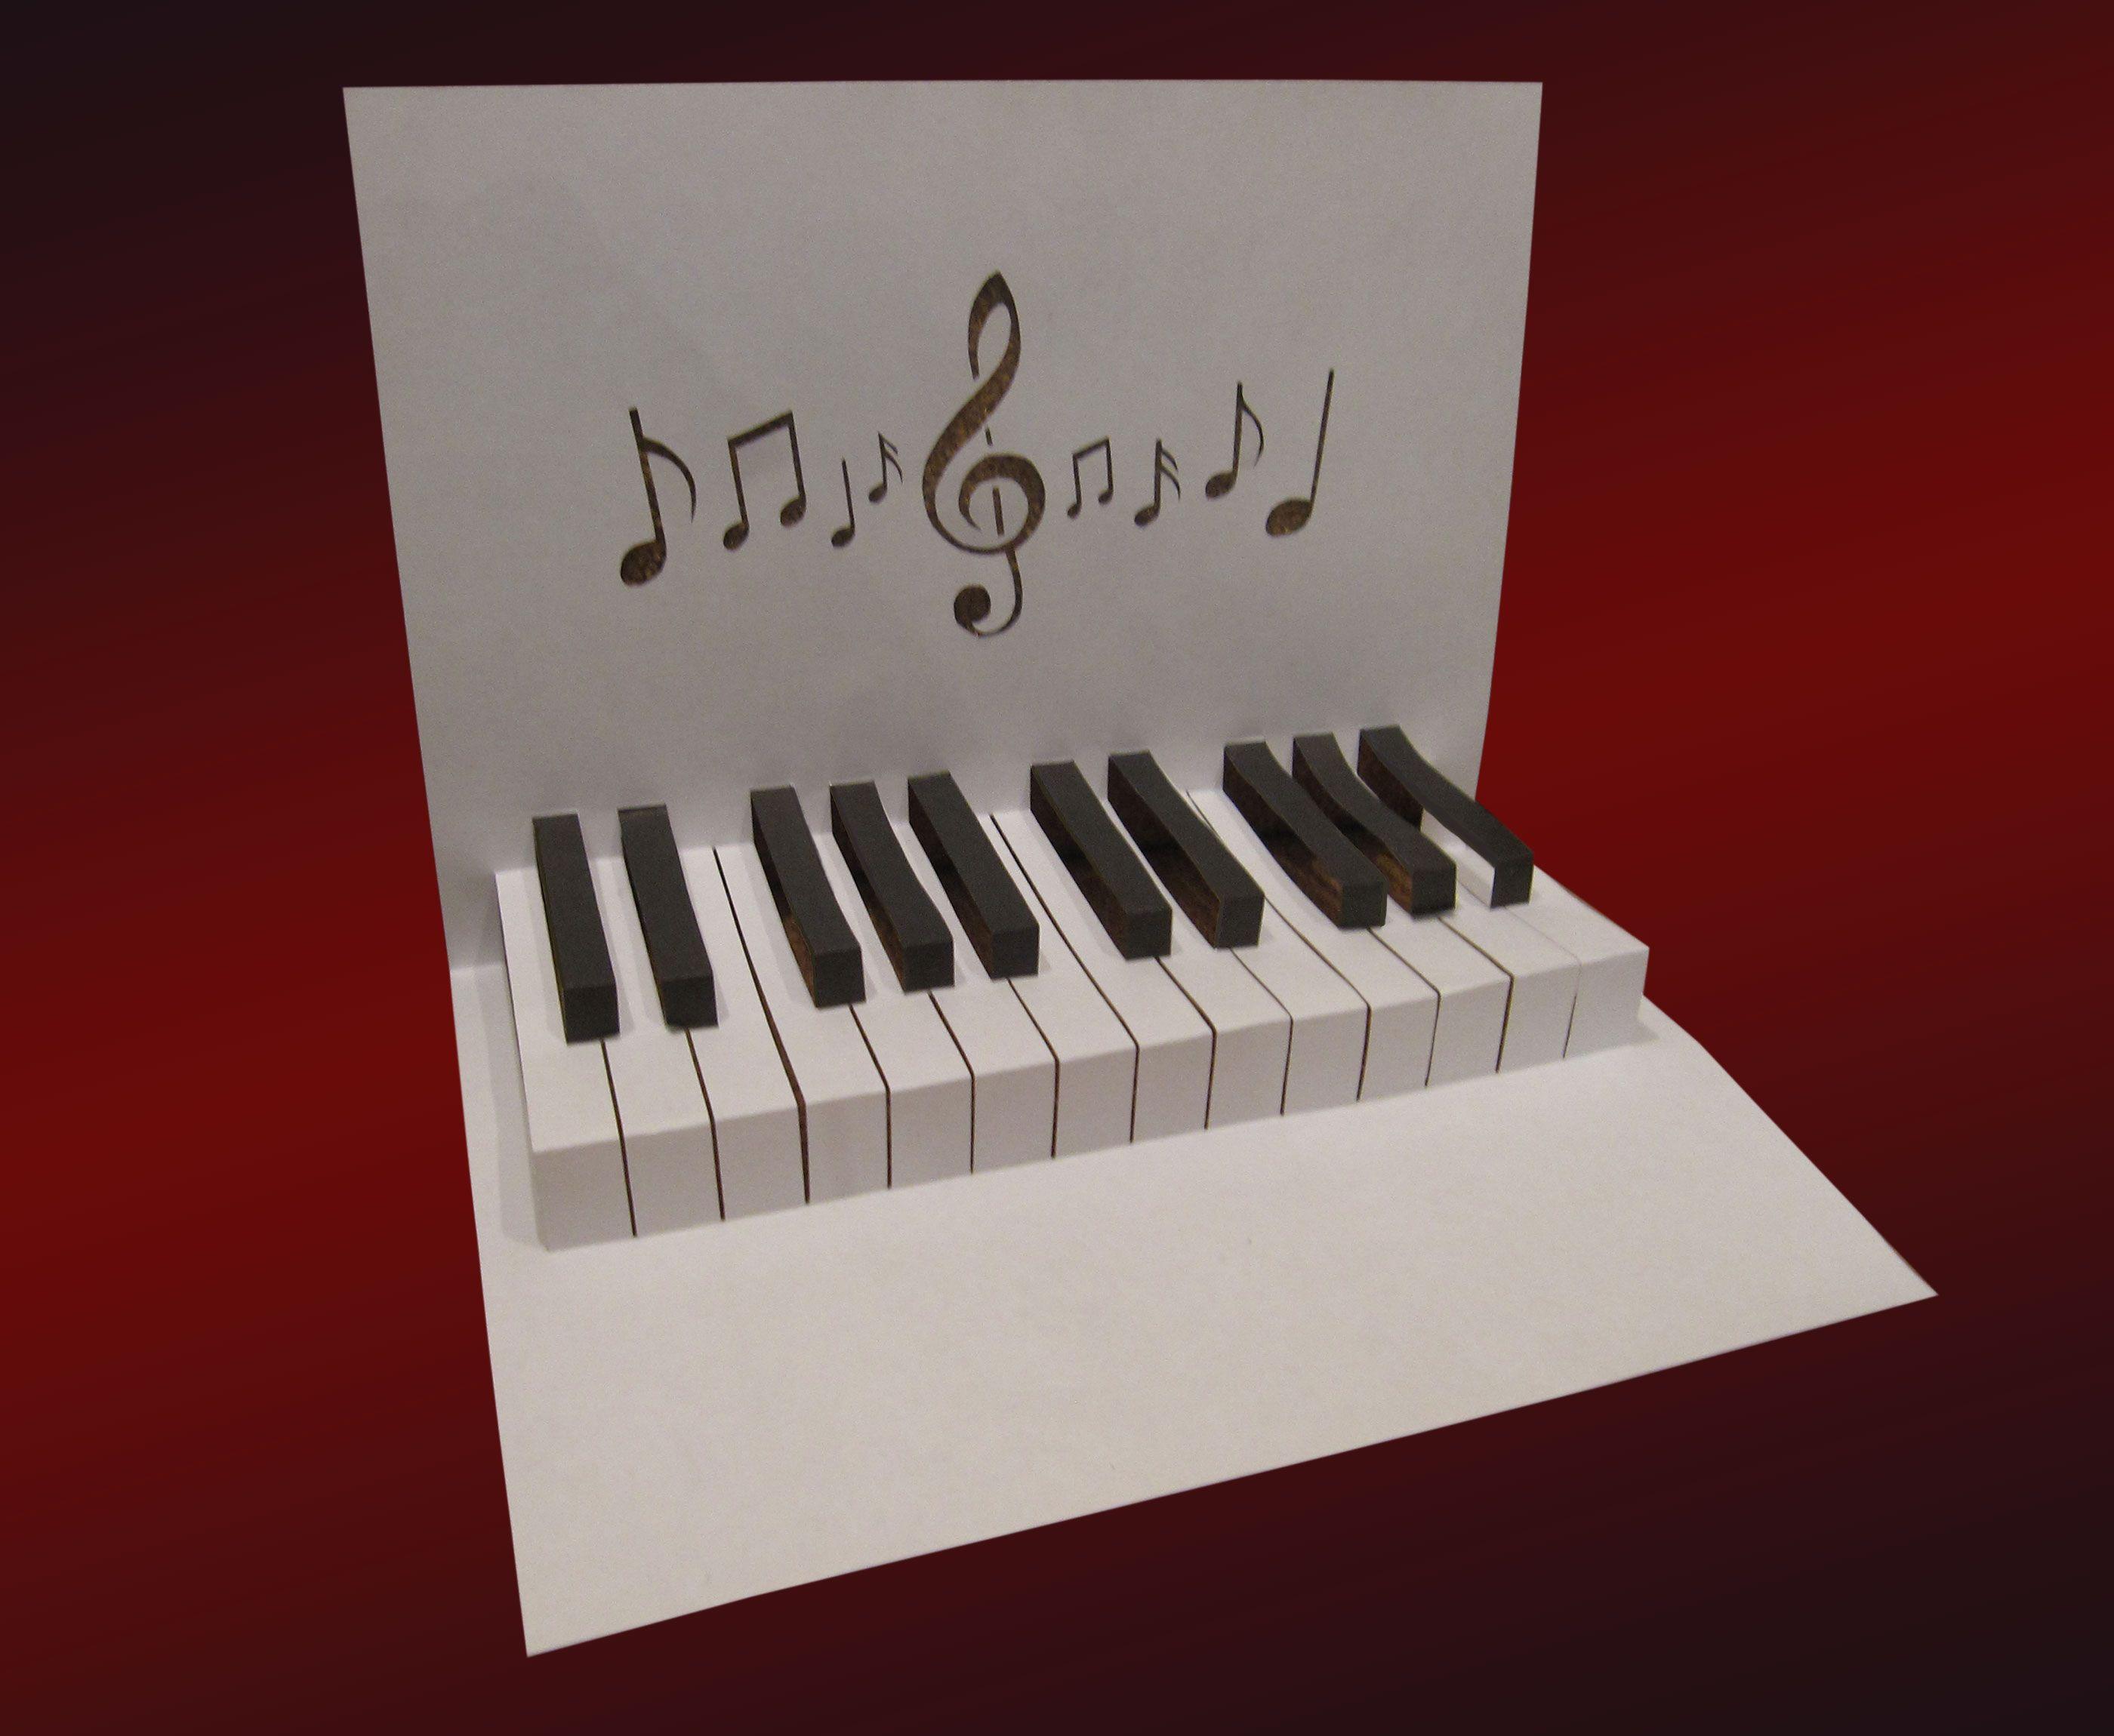 два сделать открытку с музыкой в виде файла организациях ип, которых